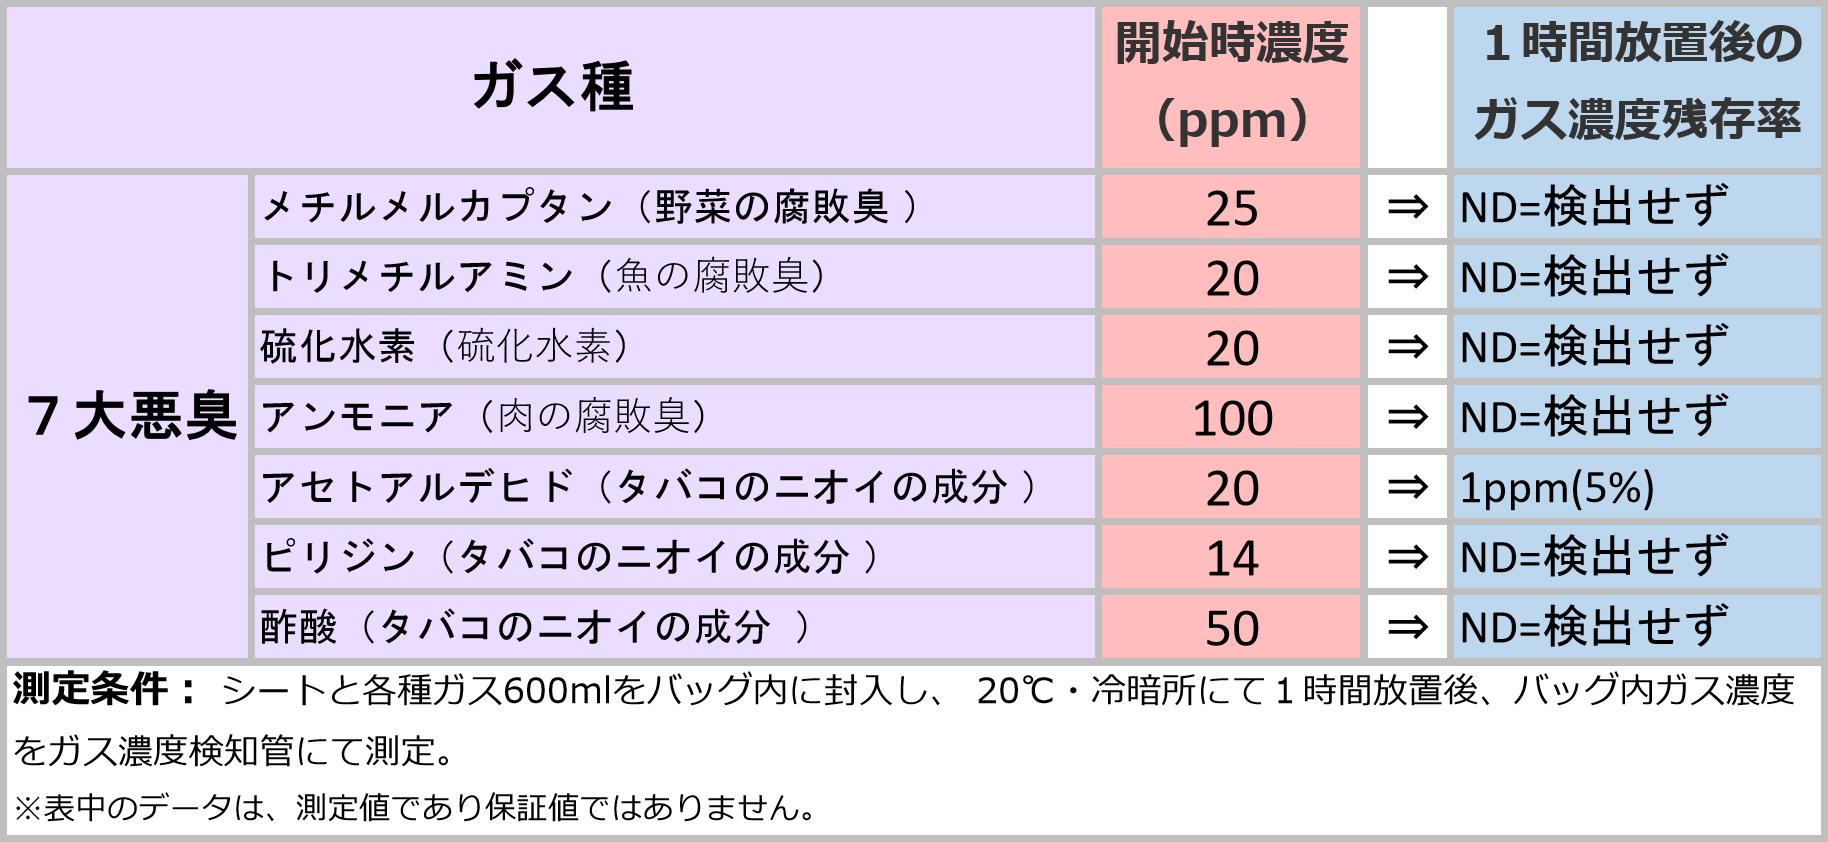 消臭効果のデータ